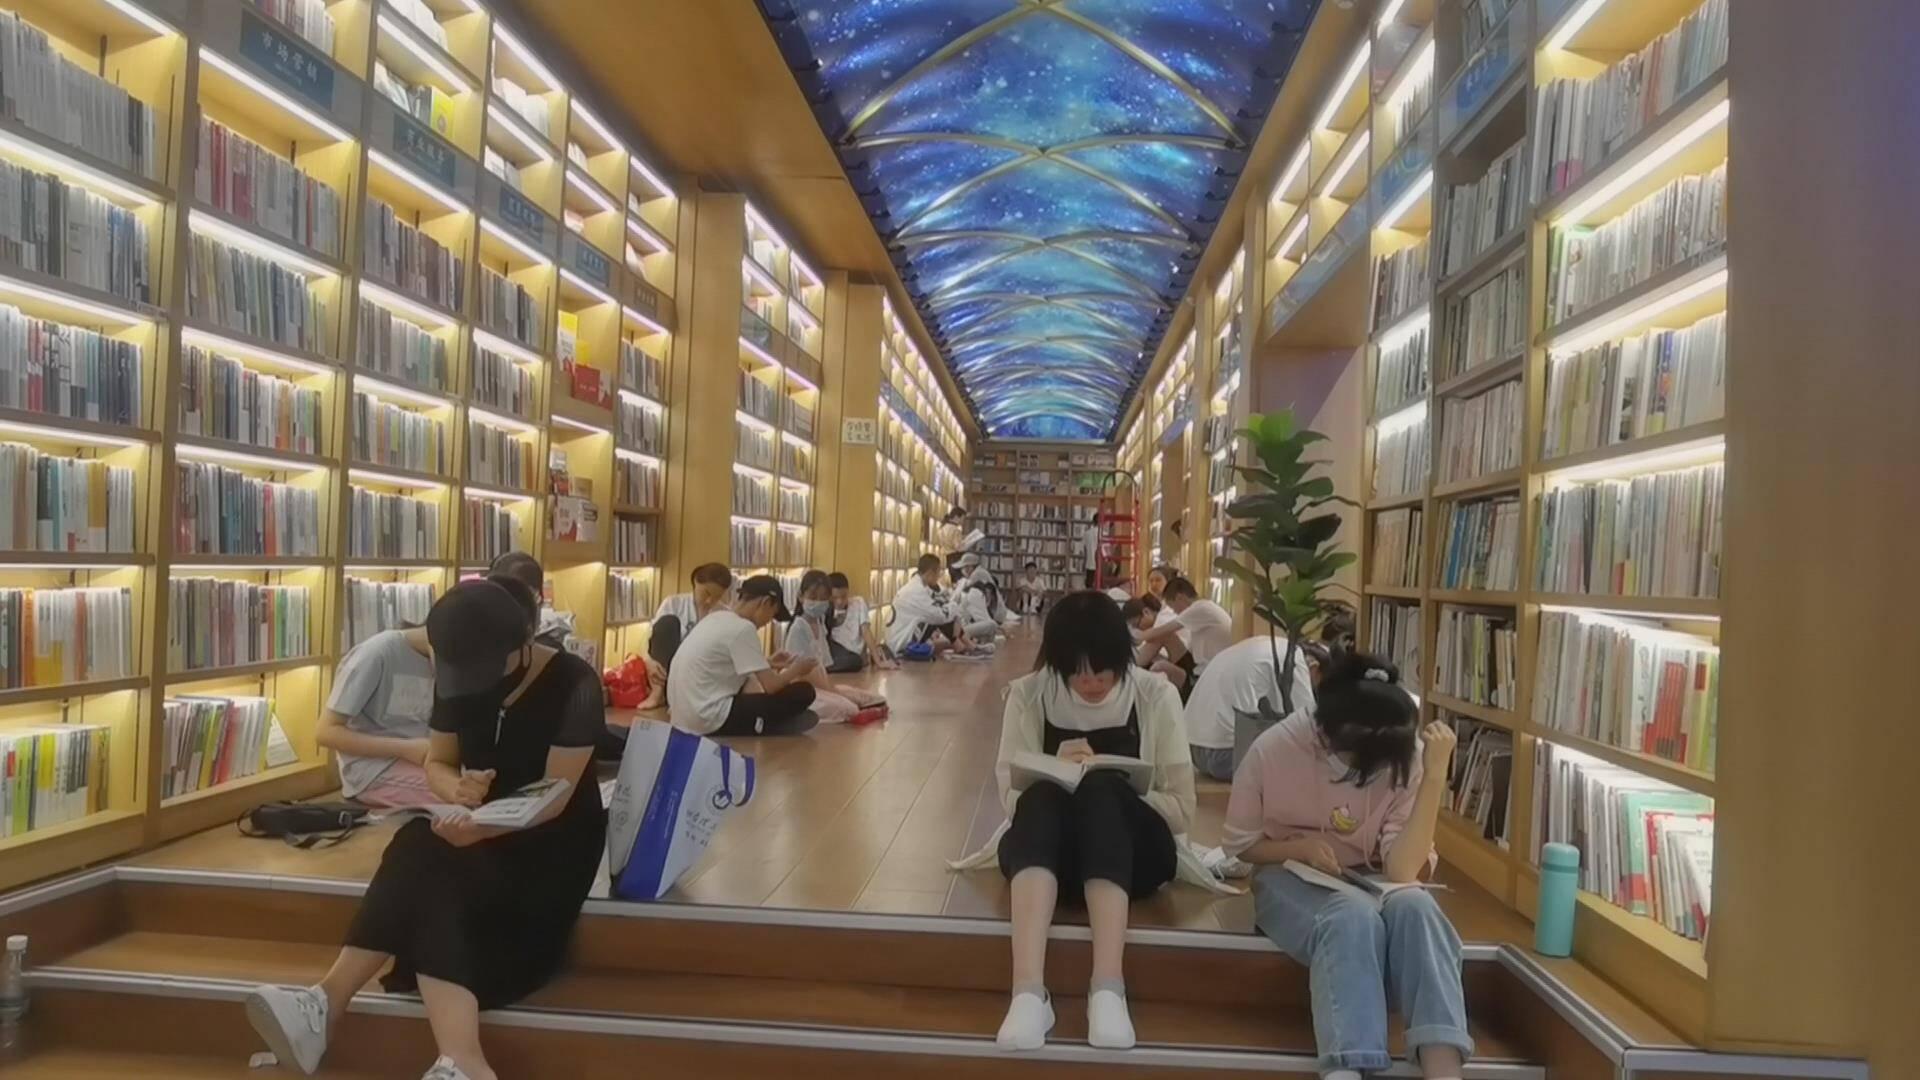 """暑期德州众多市民到书店读书""""充电"""" 客流超平日3至4倍 学生群体占7成以上"""